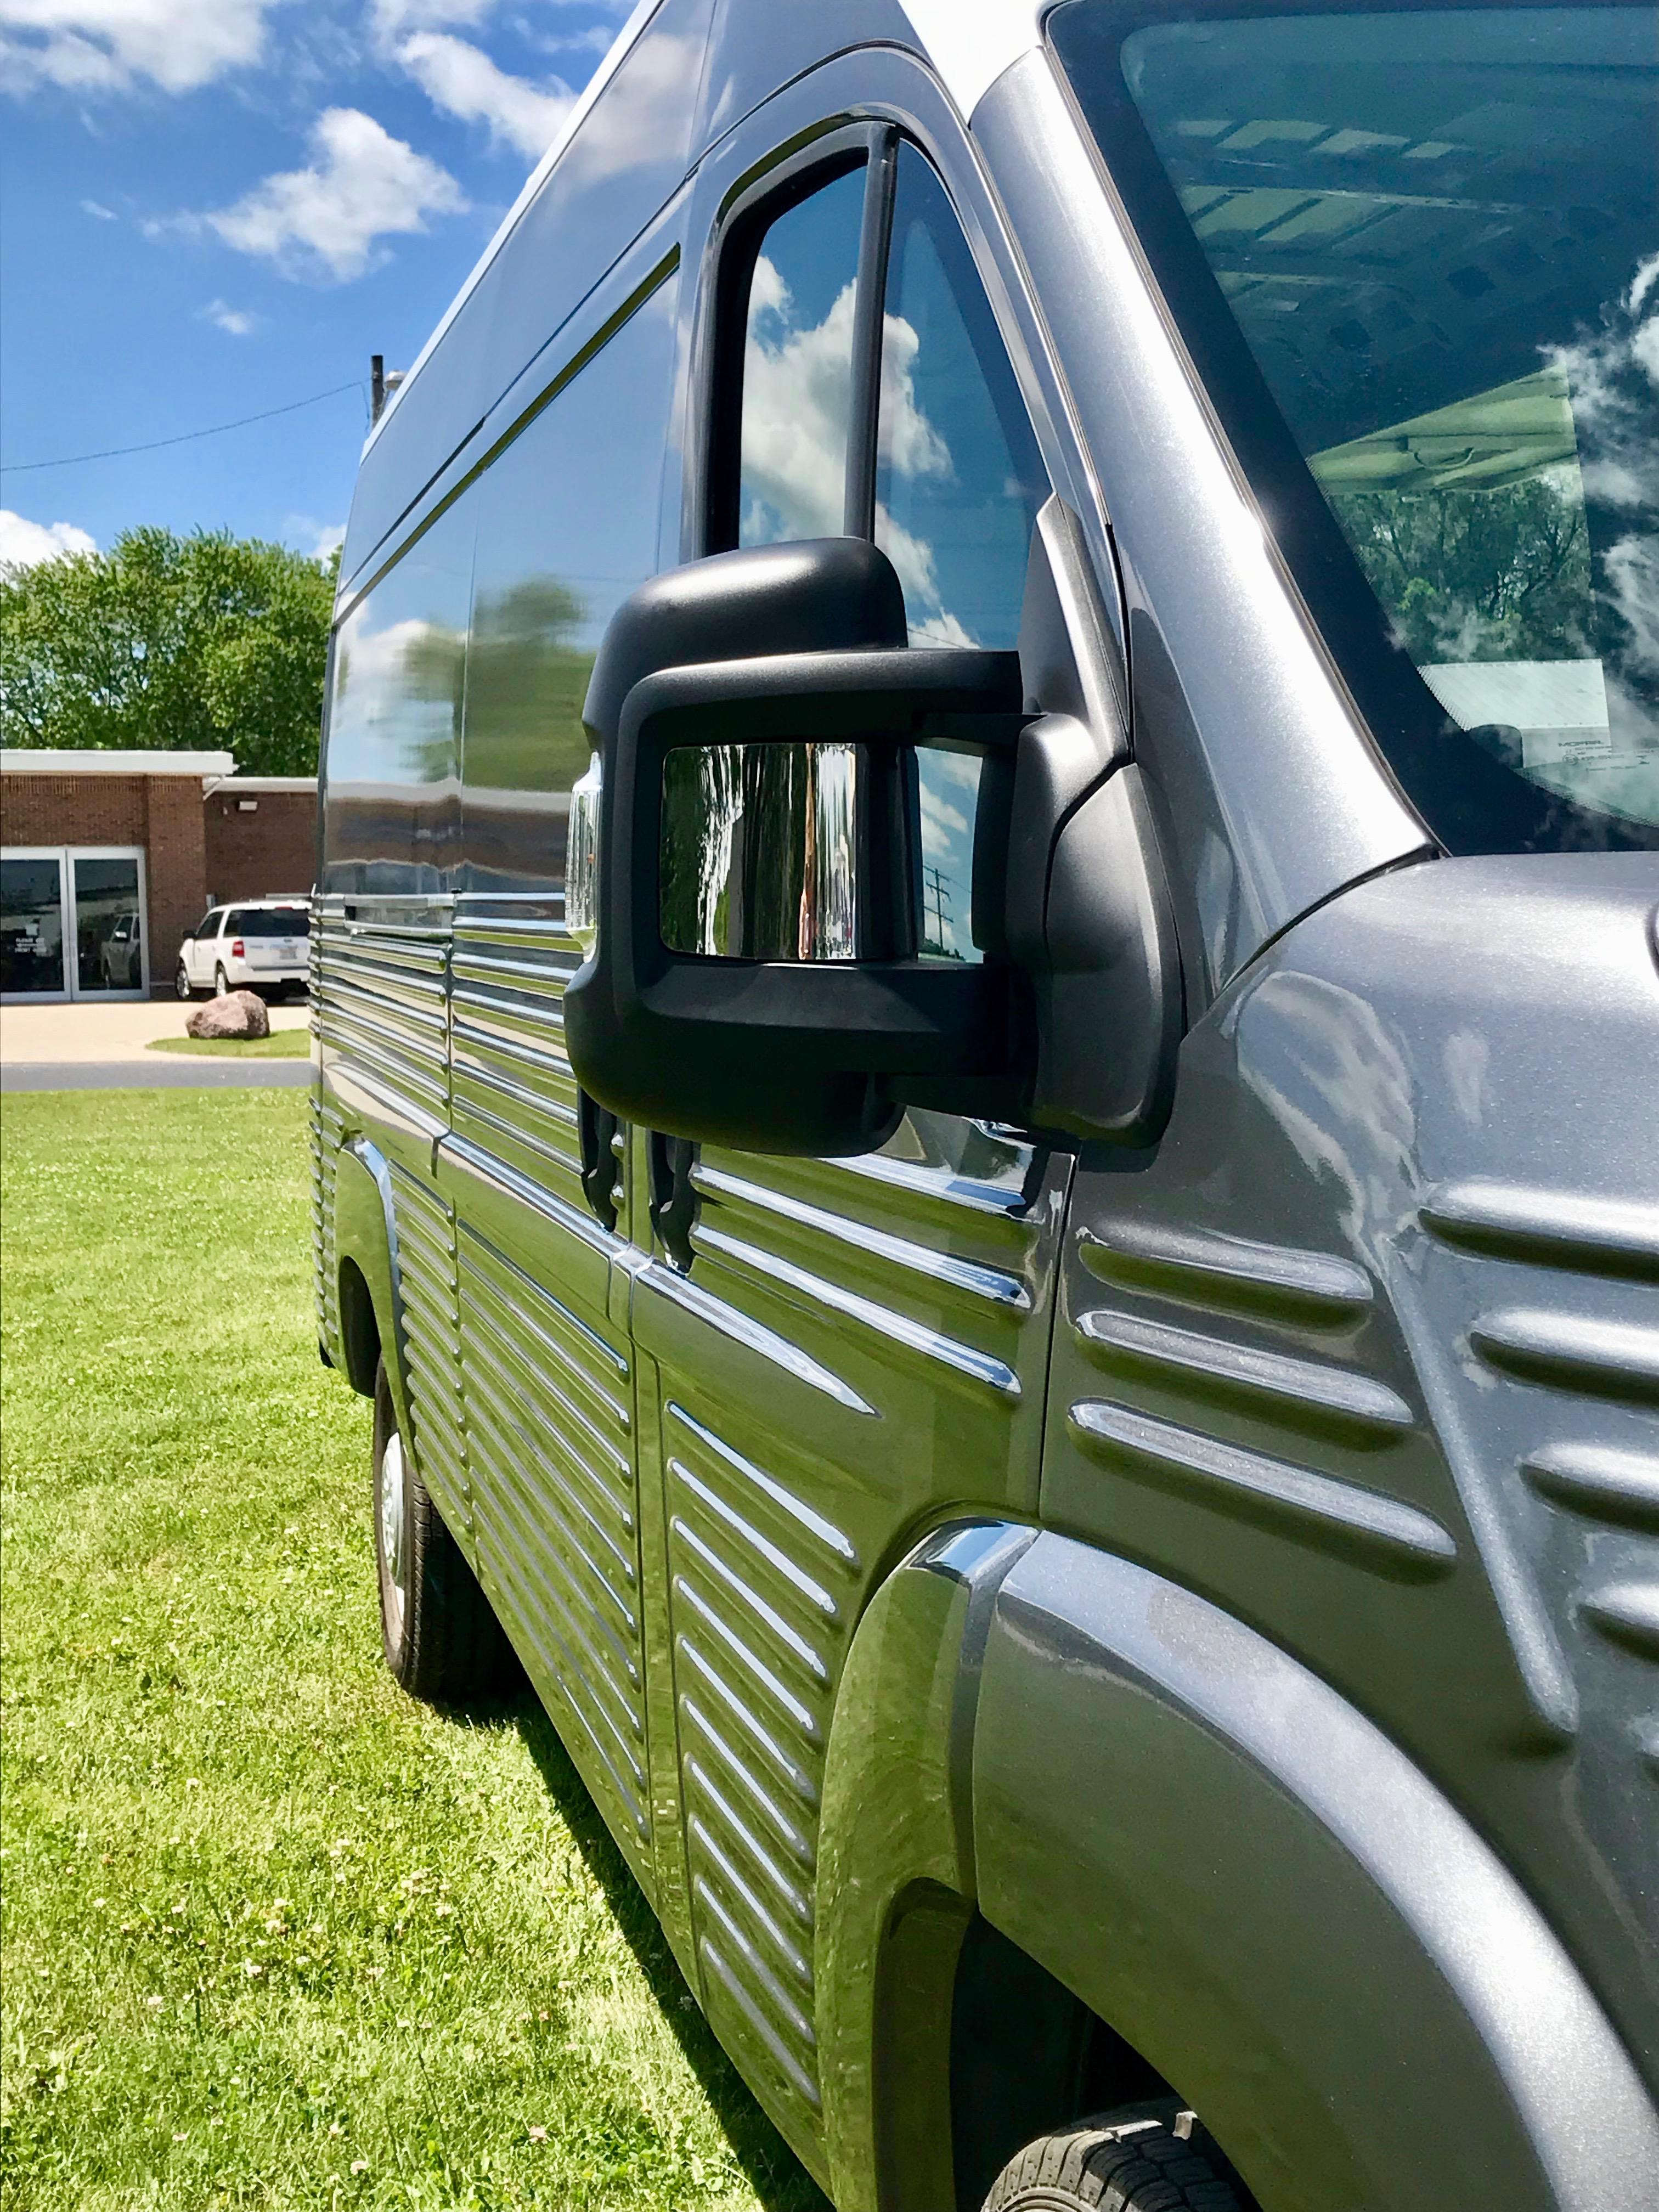 Citroen HY Van (Modern) side view